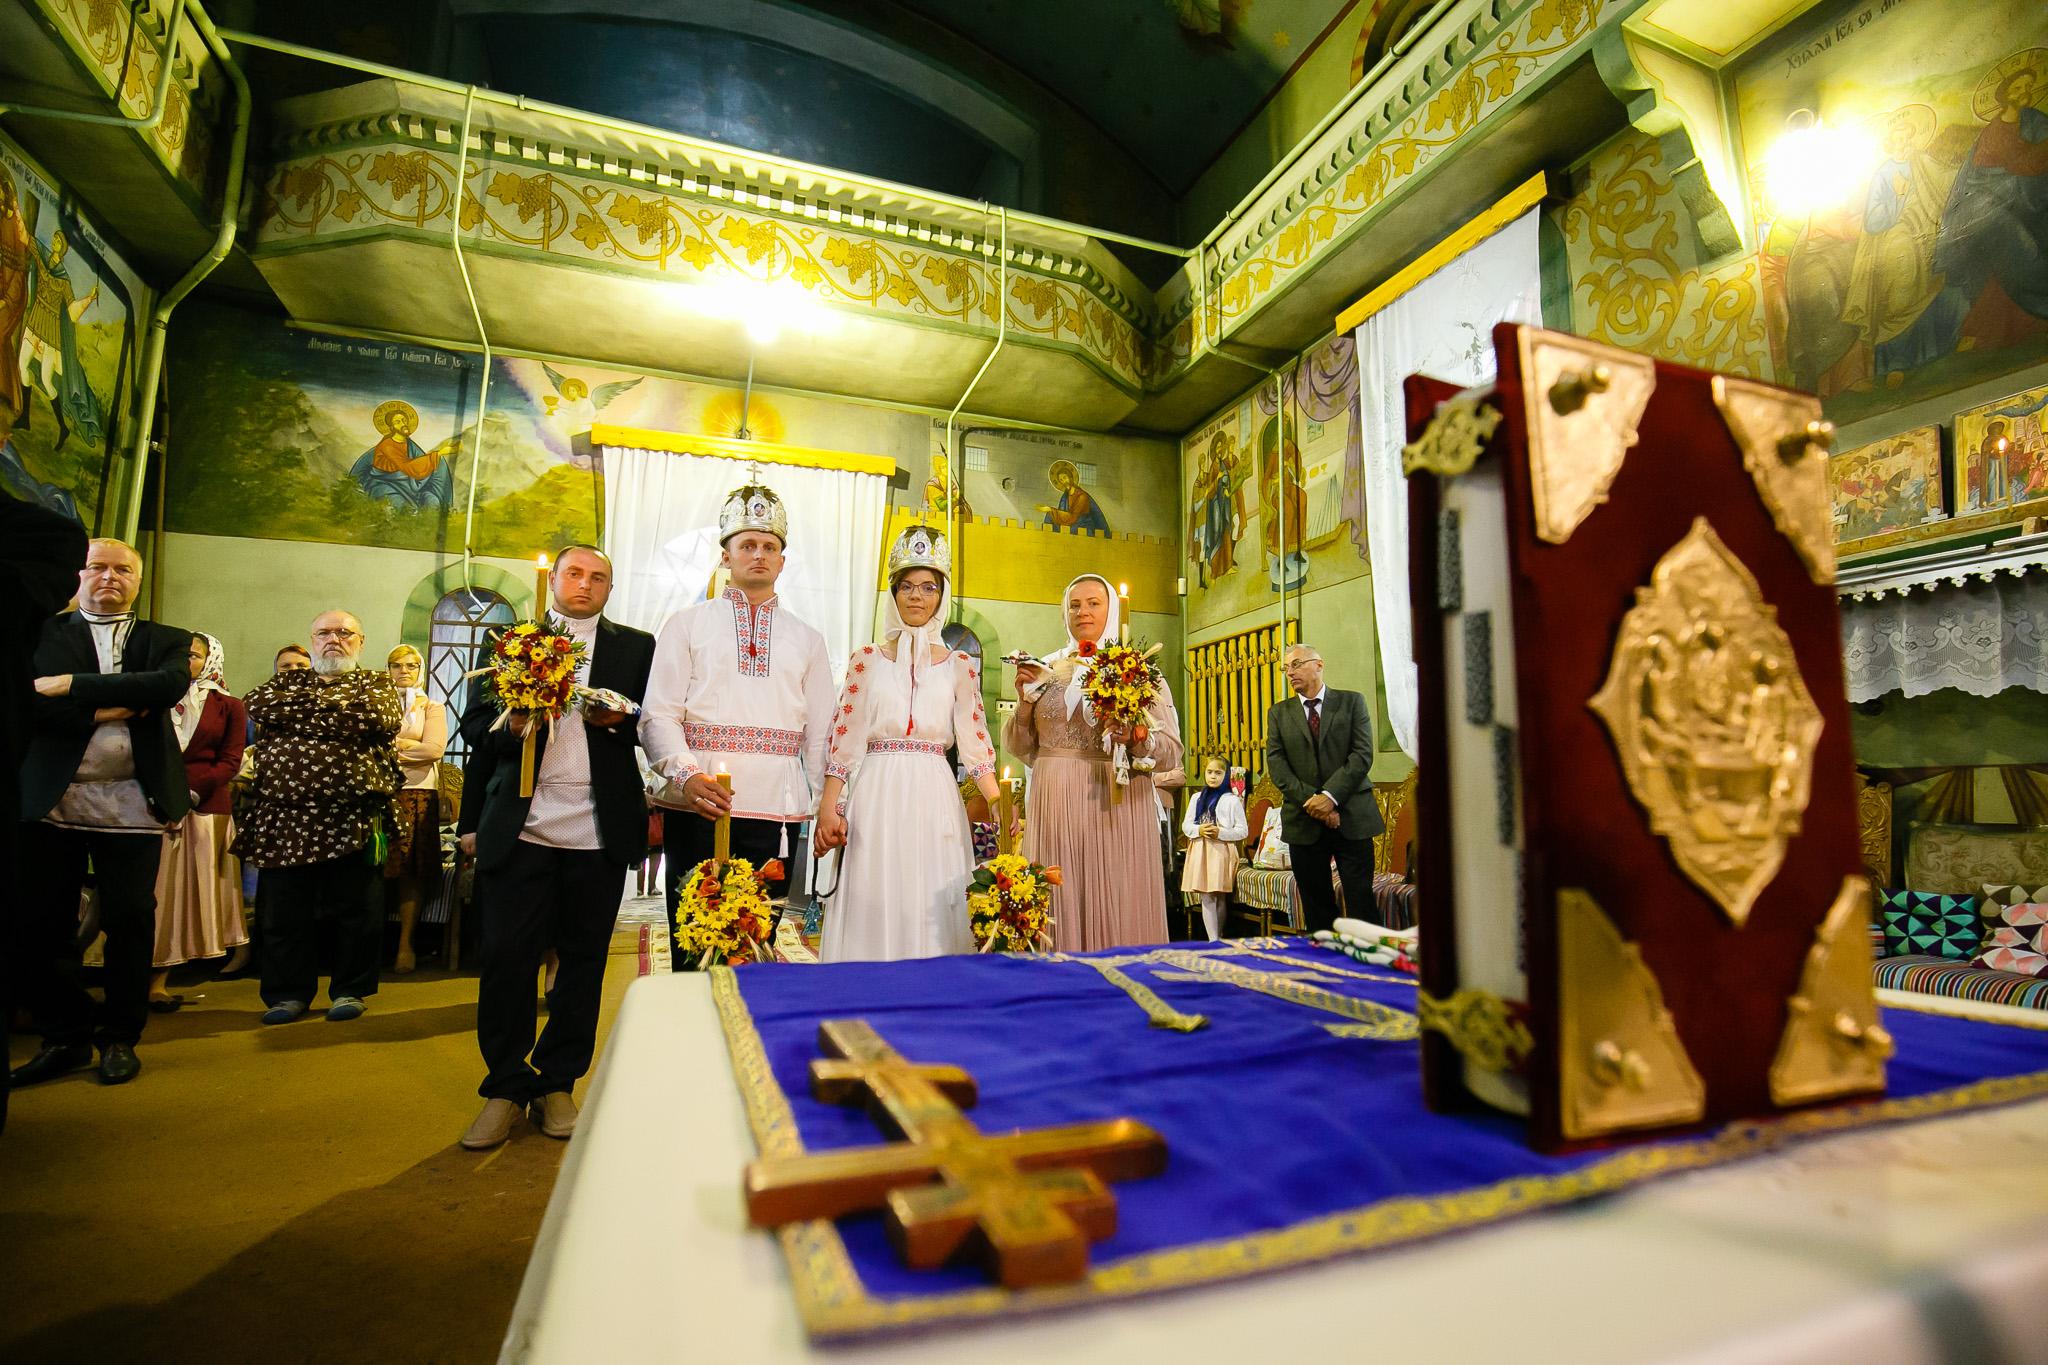 Nuntă tradițională Elisabeta și Alexandru fotograf profesionist nunta Iasi www.paulpadurariu.ro © 2018 Paul Padurariu fotograf de nunta Iasi cununia religioasa 7